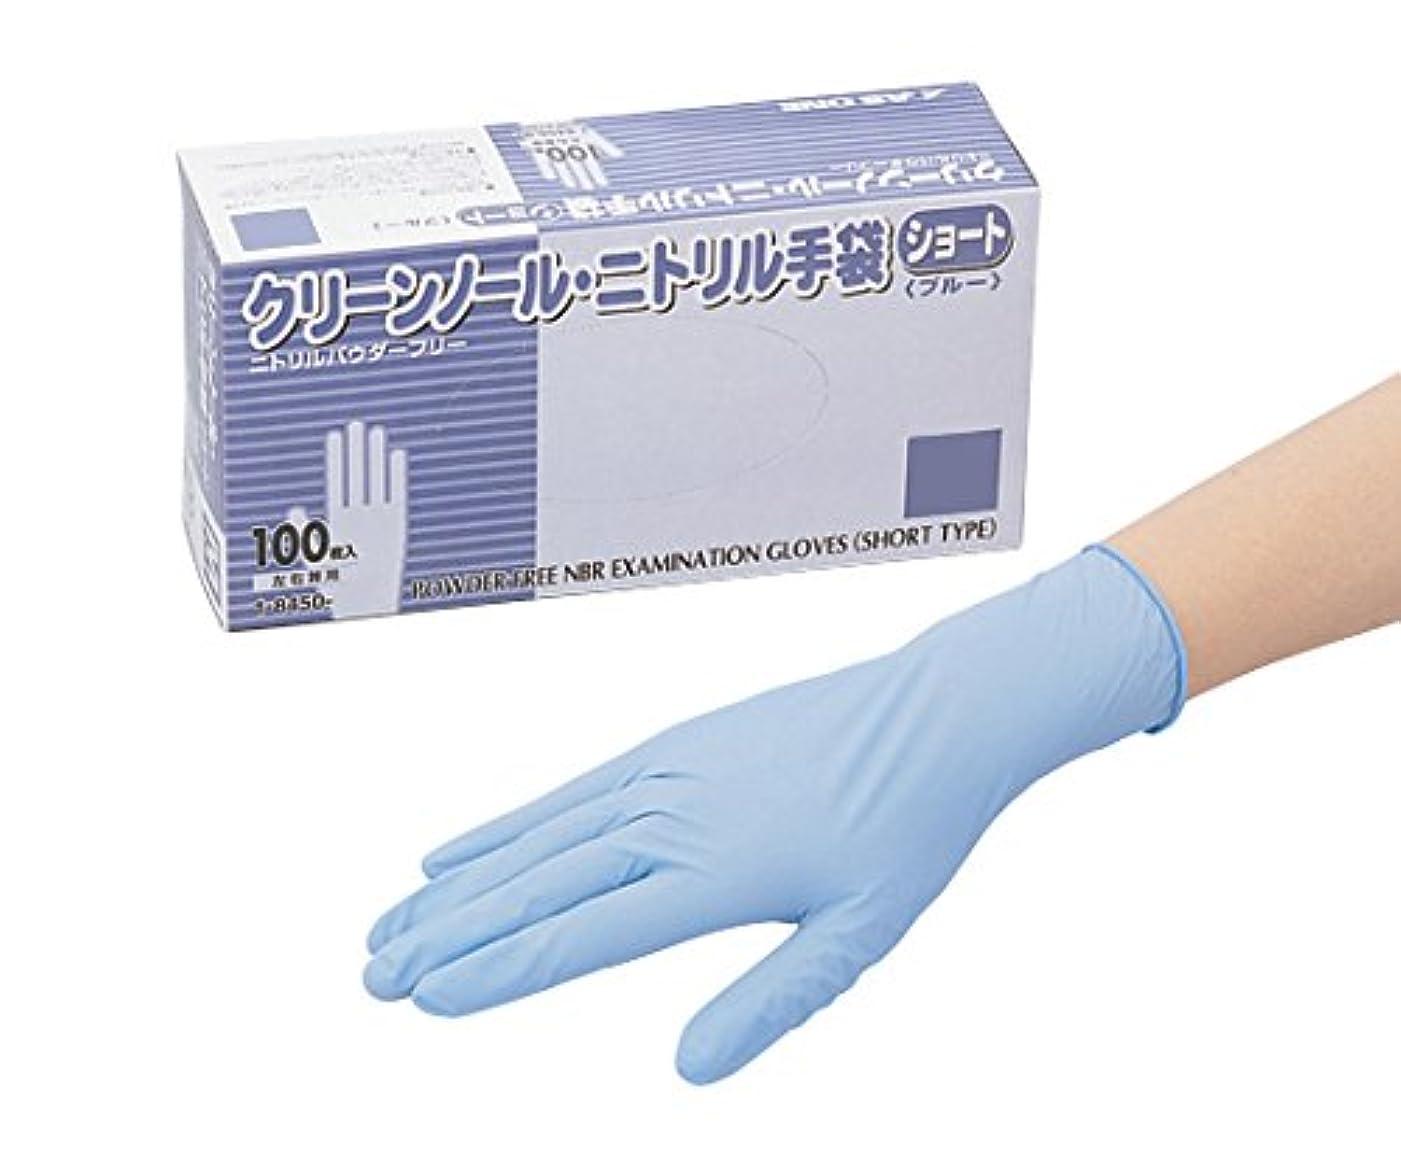 冷える予防接種使役アズワン1-8450-22クリーンノールニトリル手袋ショート(パウダーフリ-)ブルーM100枚入